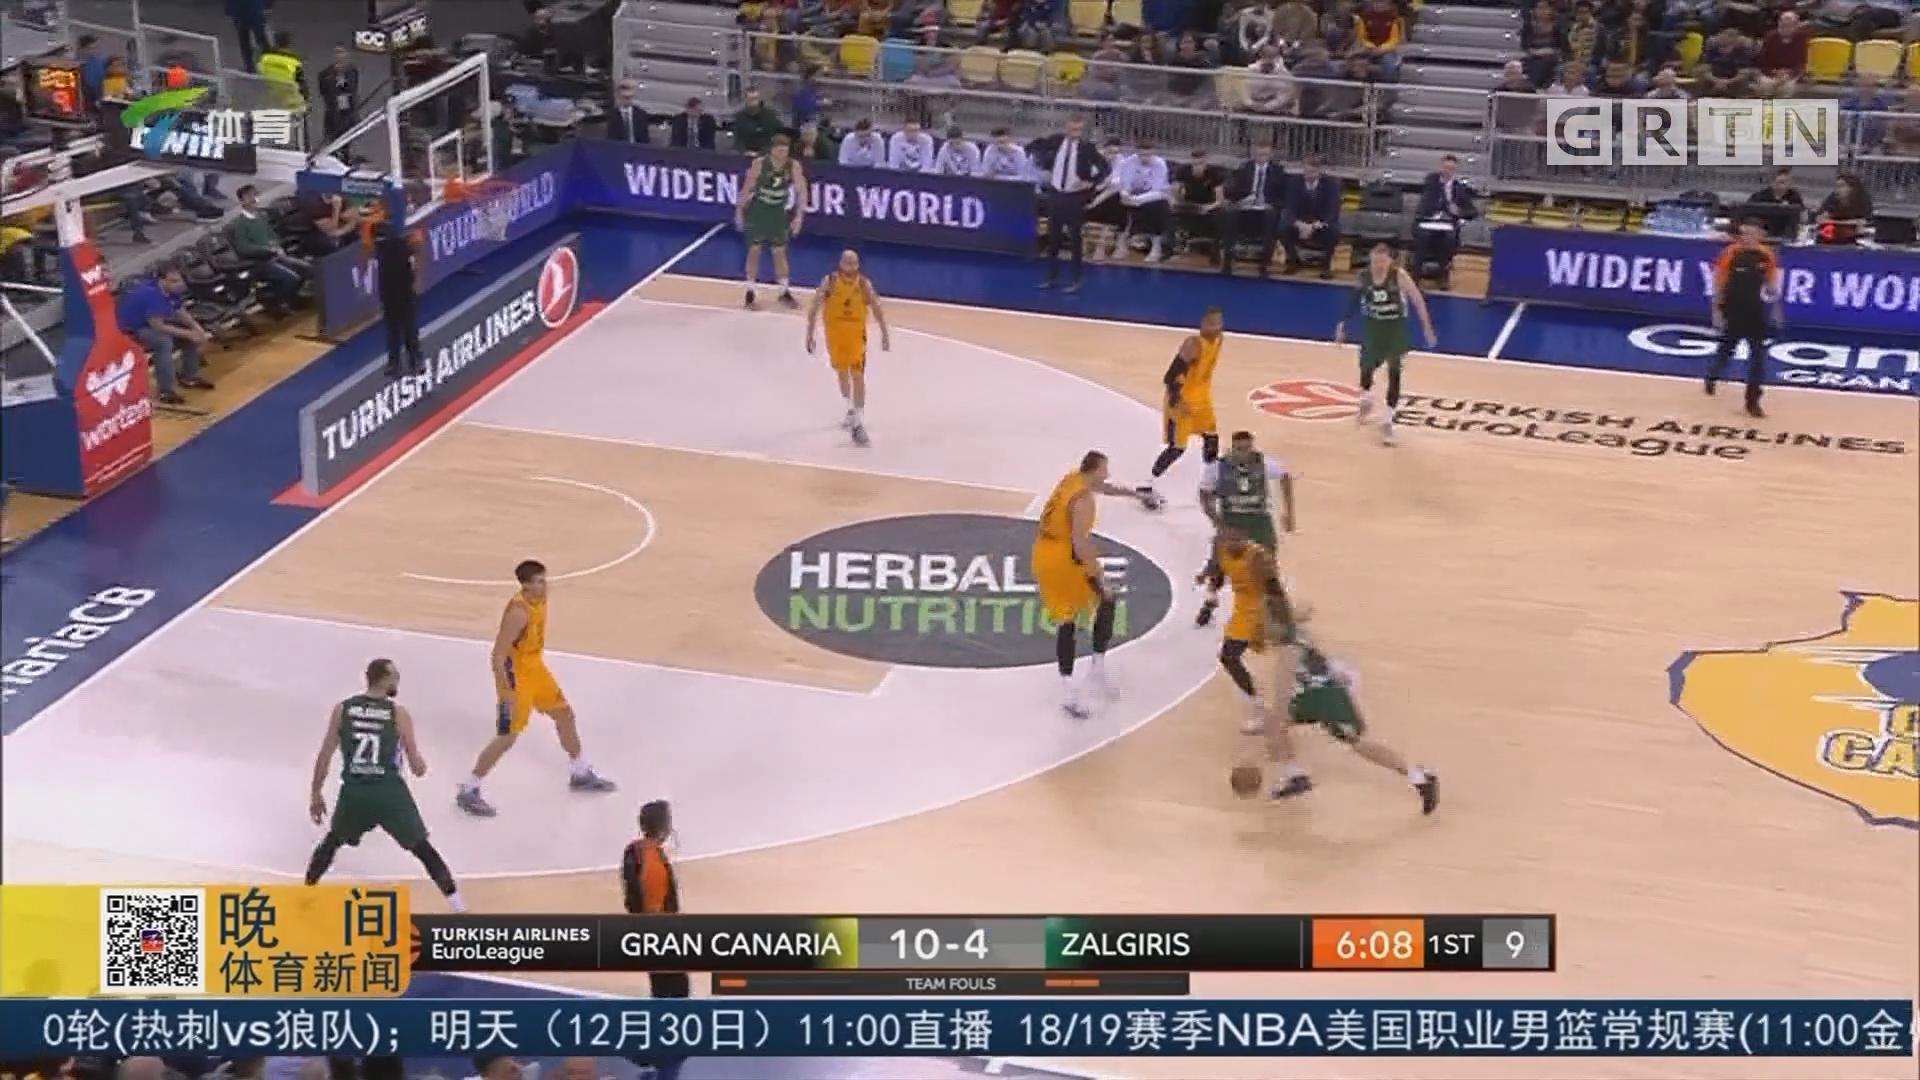 欧洲篮球联赛 格兰卡纳里亚击败萨尔基斯利